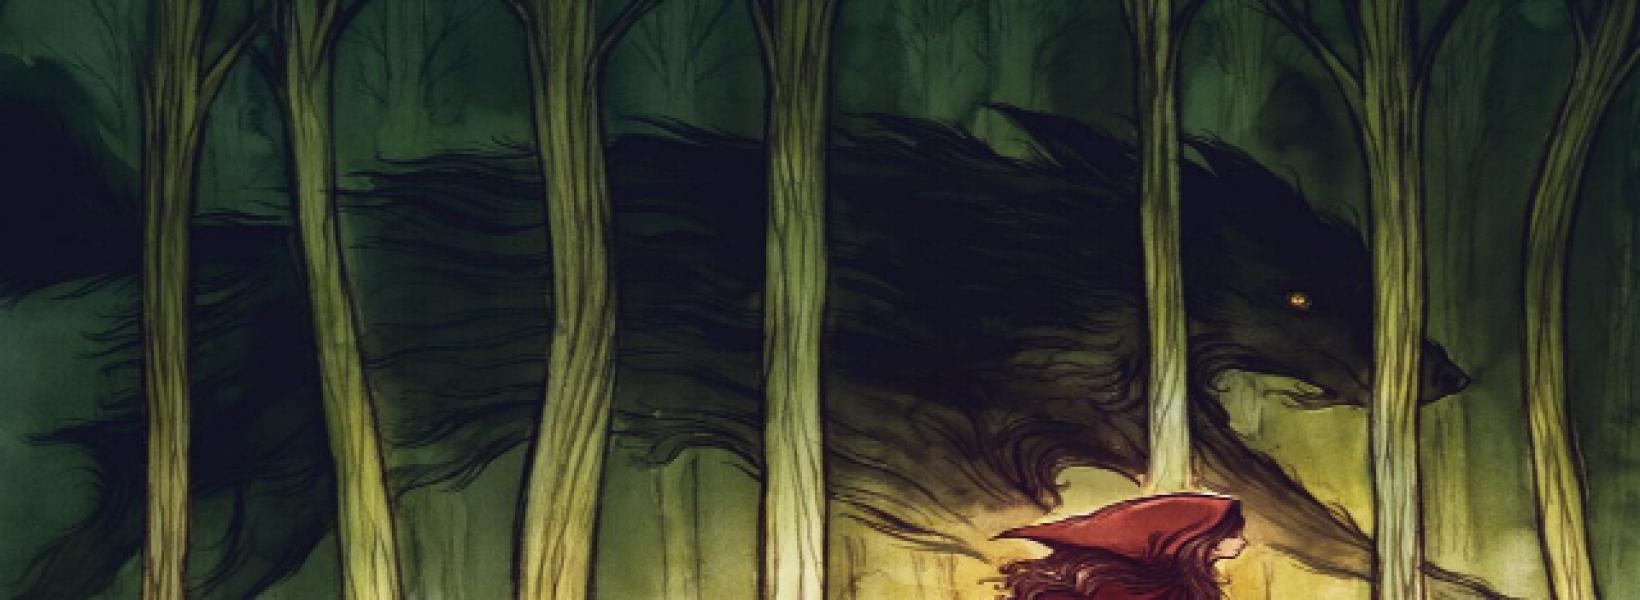 Aprender soñando: La simbologia Menstrual en los cuentos